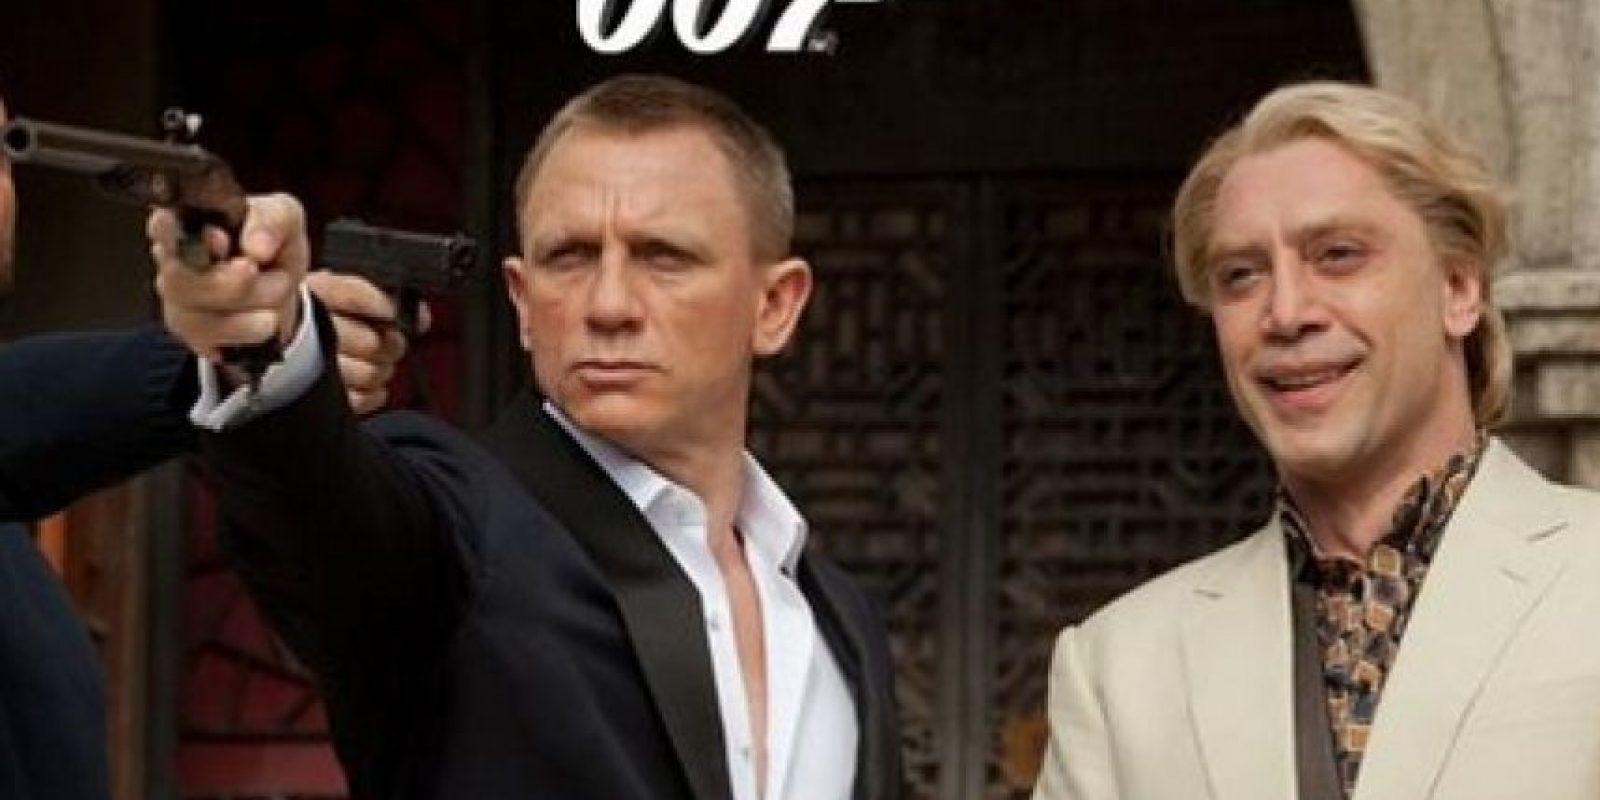 El filme cuenta con la participación de Daniel Caig, quien vuelve a interpretar al famoso agente secreto. Foto:Twitter/007